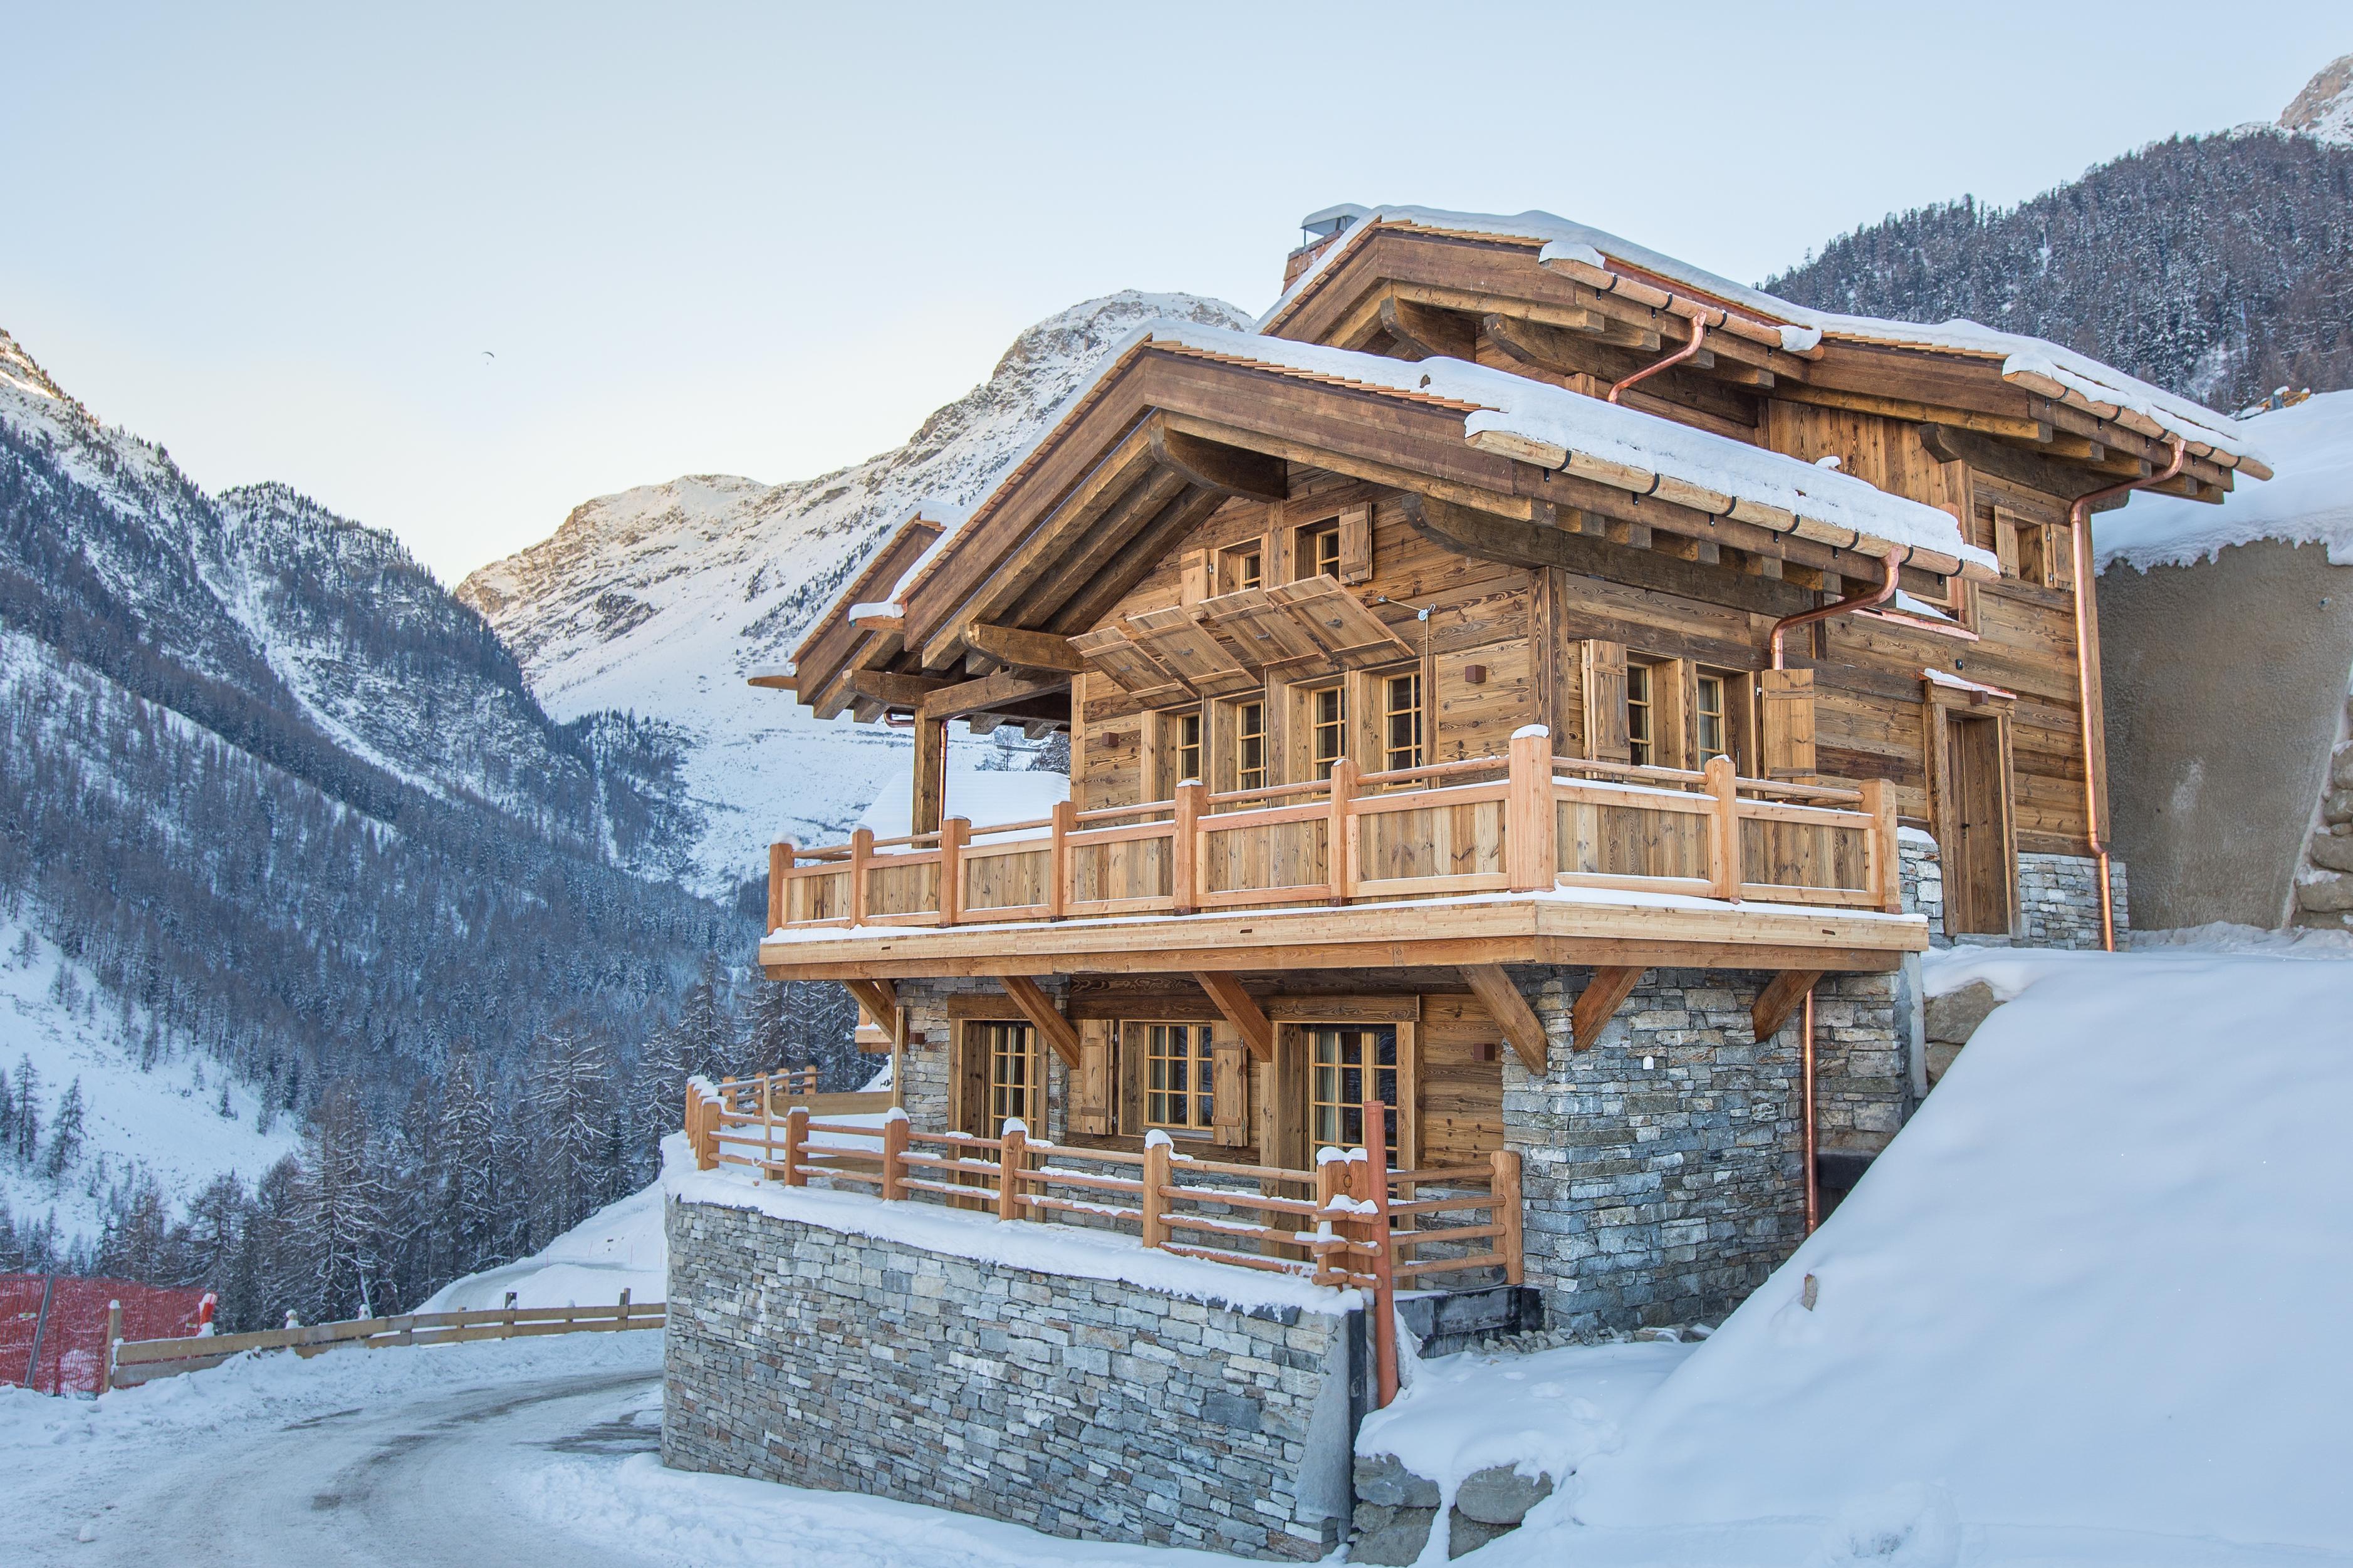 Les Chalets d'Adelaide - Grimentz, Sierre, Switzerland